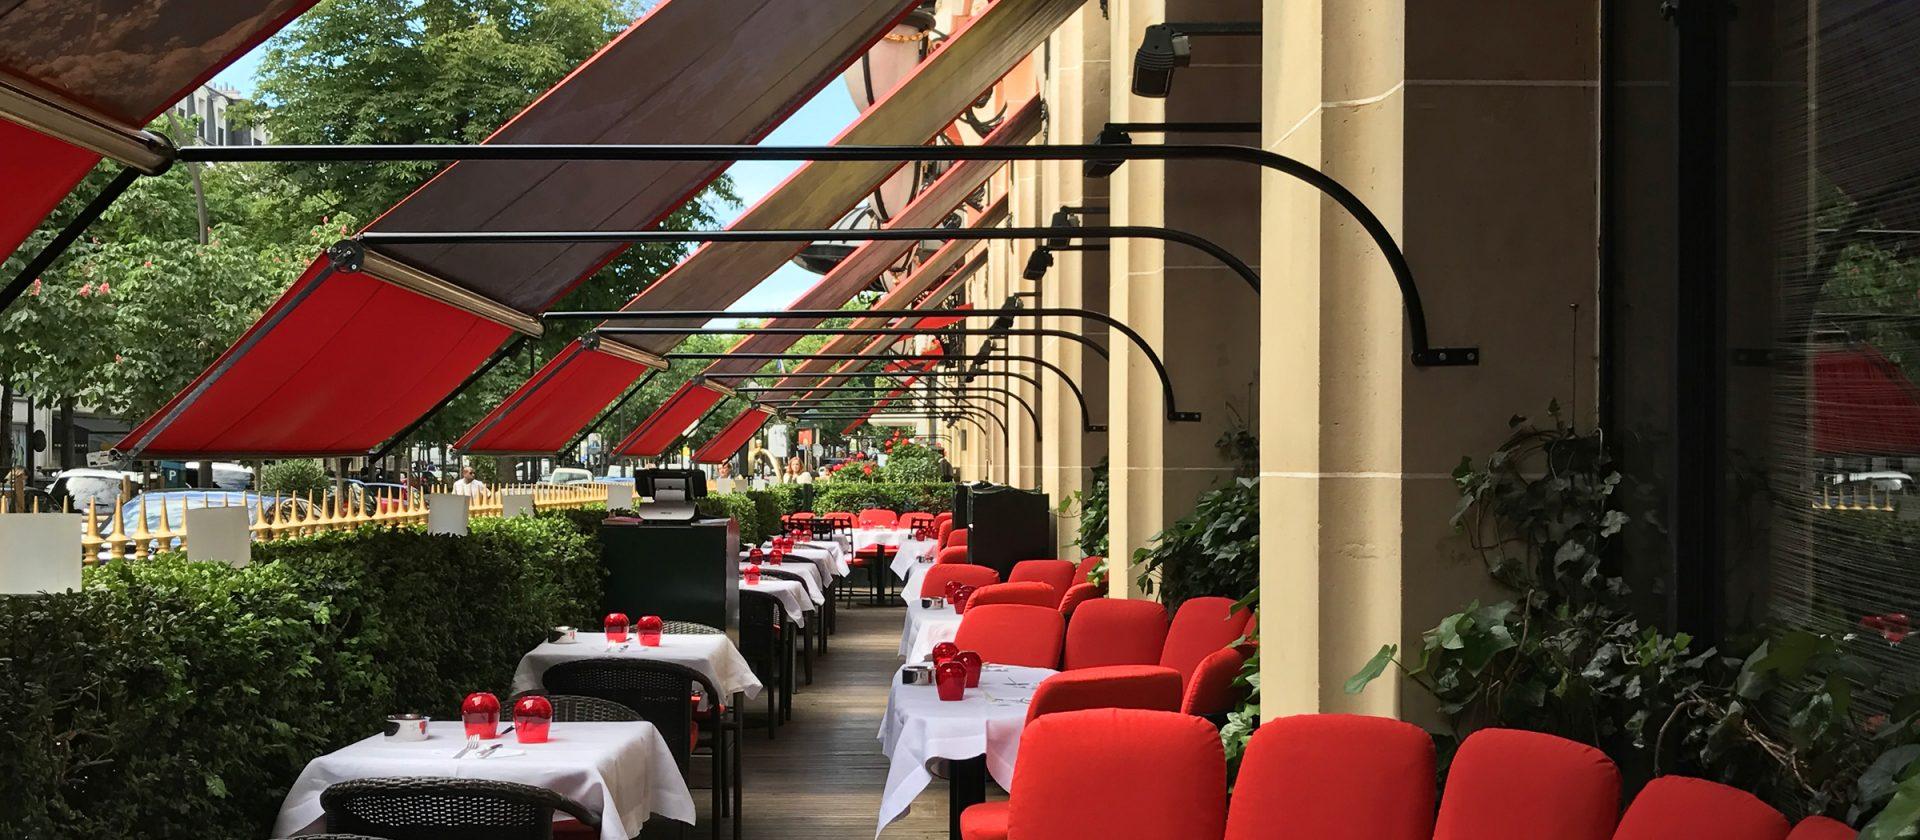 Terrasse restaurant paris 1